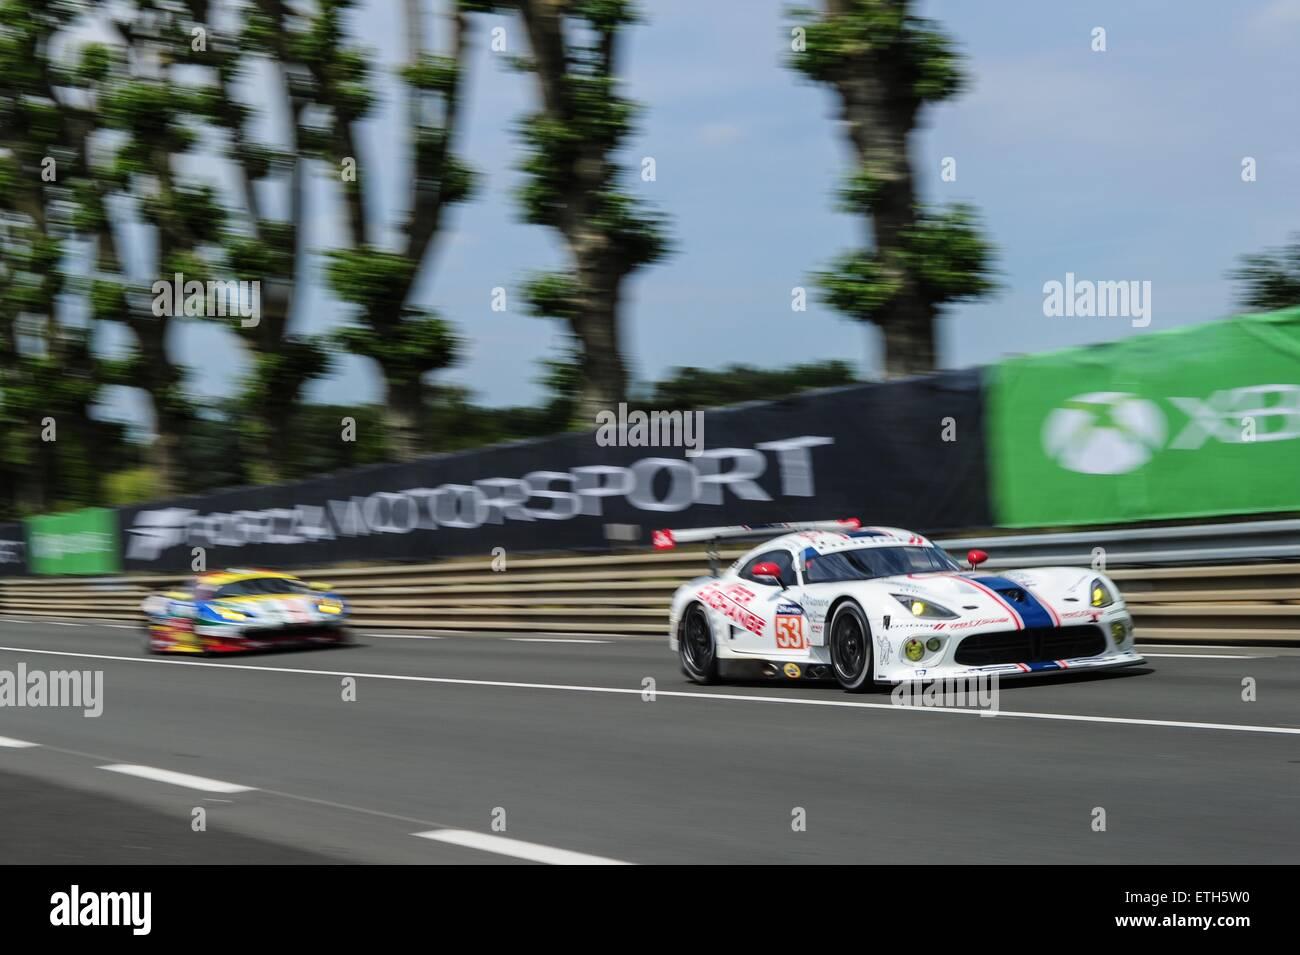 13.06.2015., Frankreich. Endurance-WM. Le Mans 24 Stunden-Rennen ...